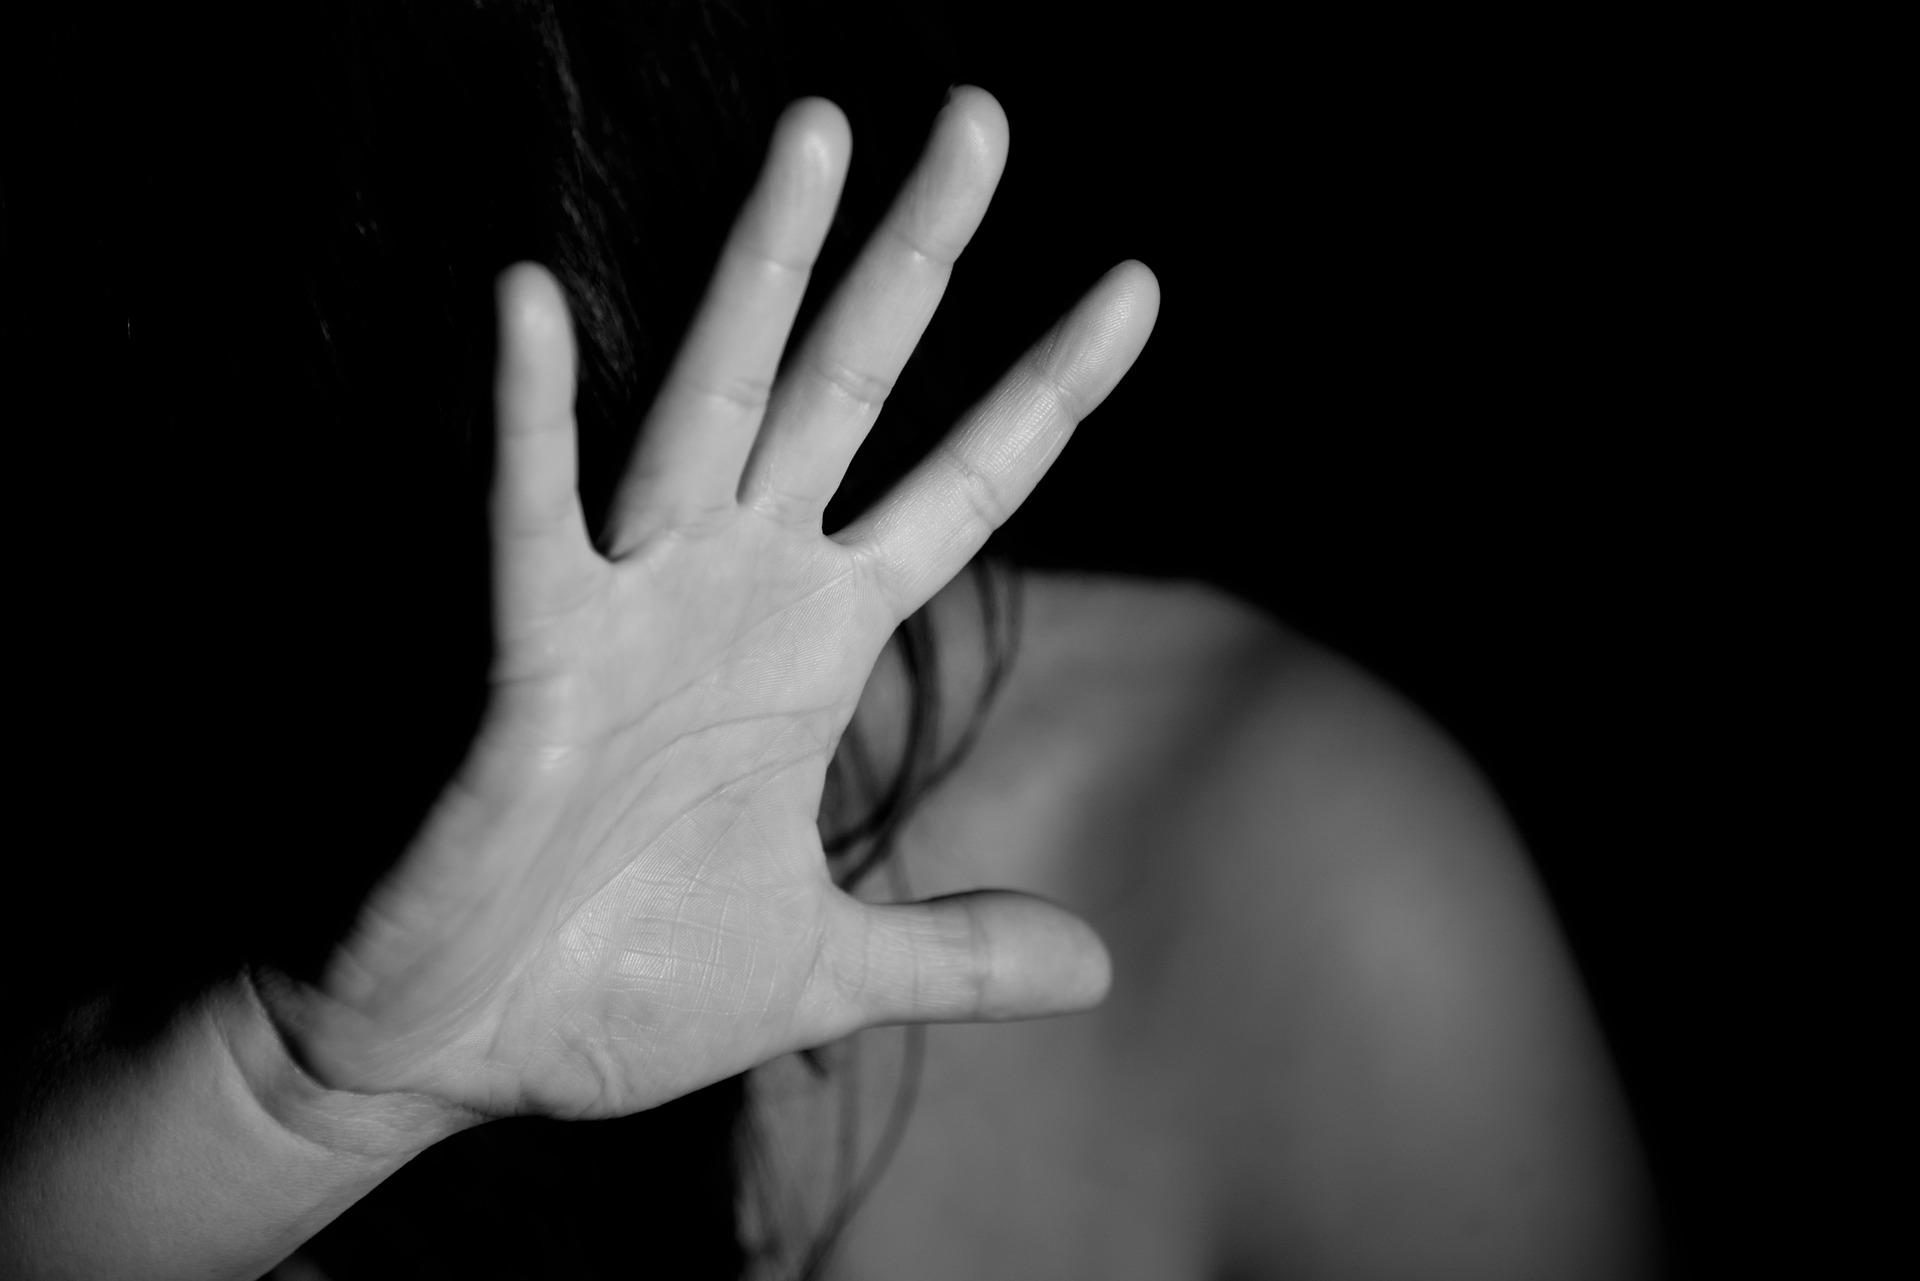 Violenza domestica: risposte più rapide ed efficaci a tutela della sicurezza delle persone coinvolte